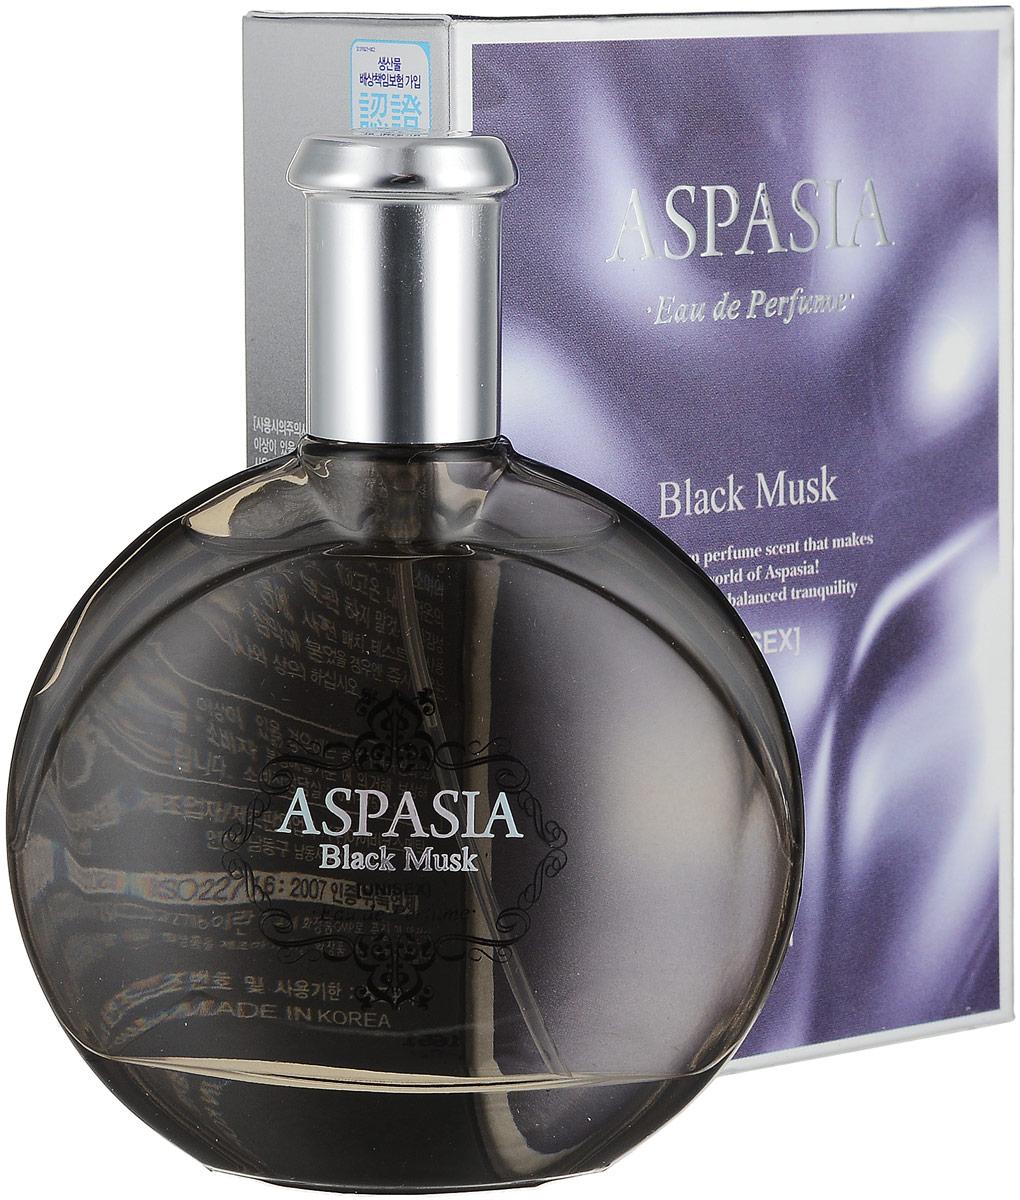 Aspasia туалетная вода, женская Eu de parfume Black Musk, 50 мл281568Верхние ноты: мускус, иланг-илангСрединные ноты: ландыш, мускус, роза, жасминБазовые ноты: мускус, сандаловое дерево, тонка, мох